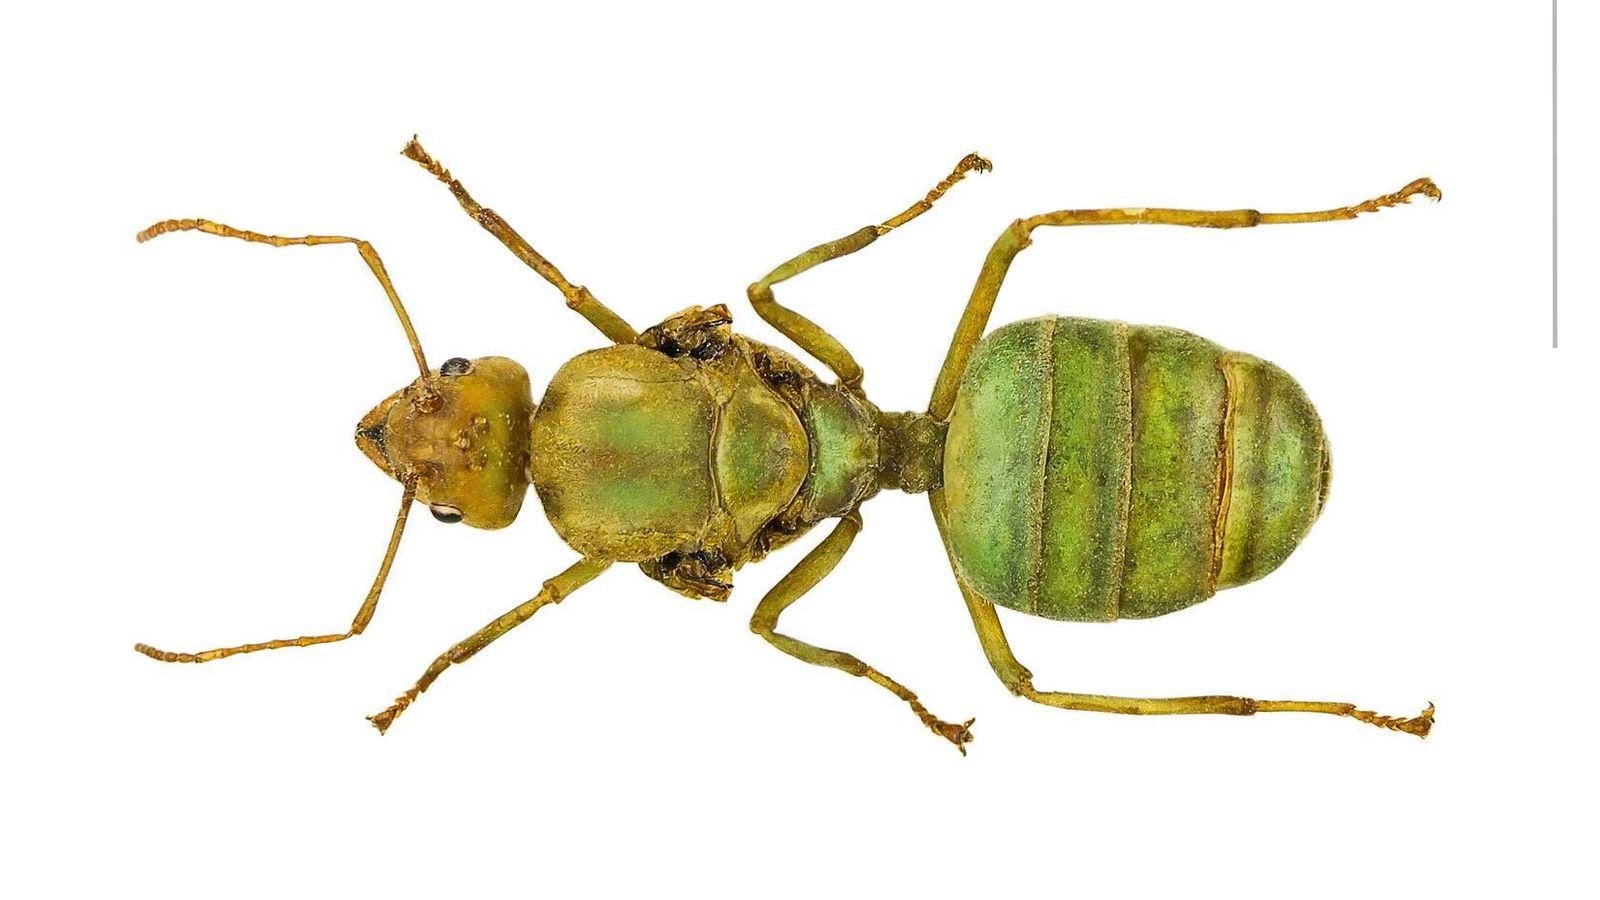 Une reine des fourmis tisserandes de l'espèce O.smaragdina, trouvée dans la mangrove de Phuket, en Thaïlande.